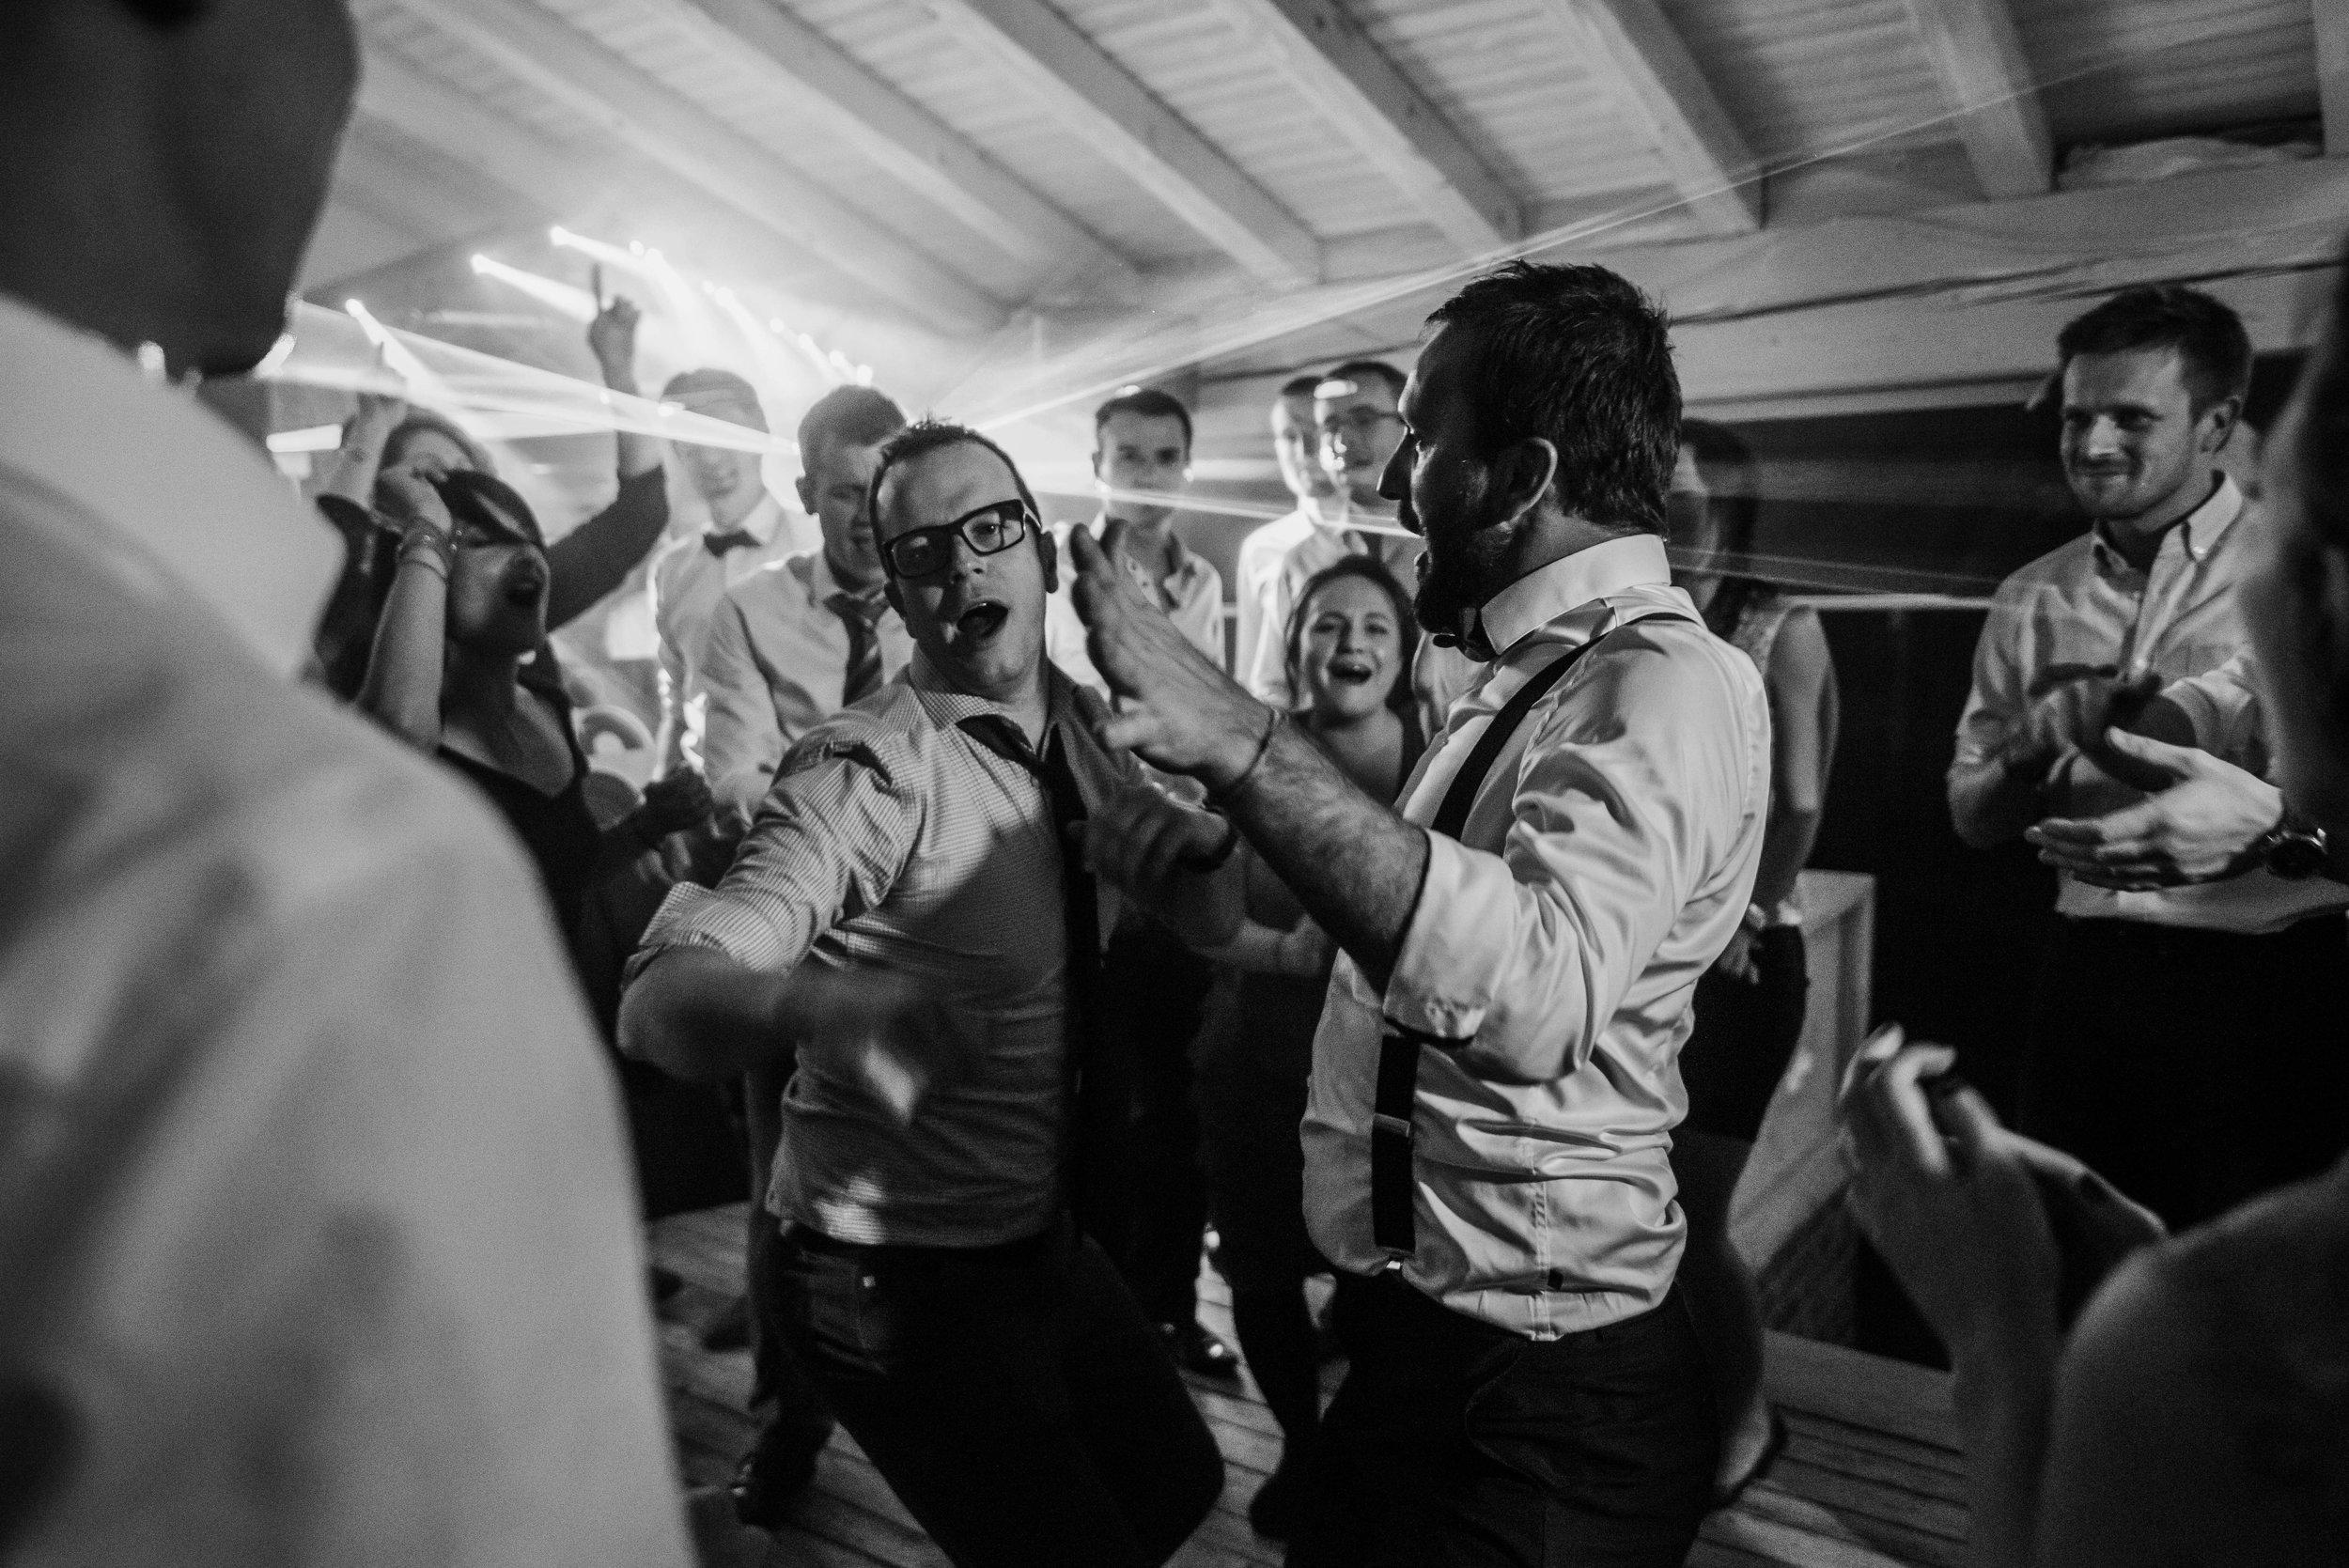 Léa-Fery-photographe-professionnel-lyon-rhone-alpes-portrait-mariage-couple-amour-lovesession-engagement-elopment-3664.jpg